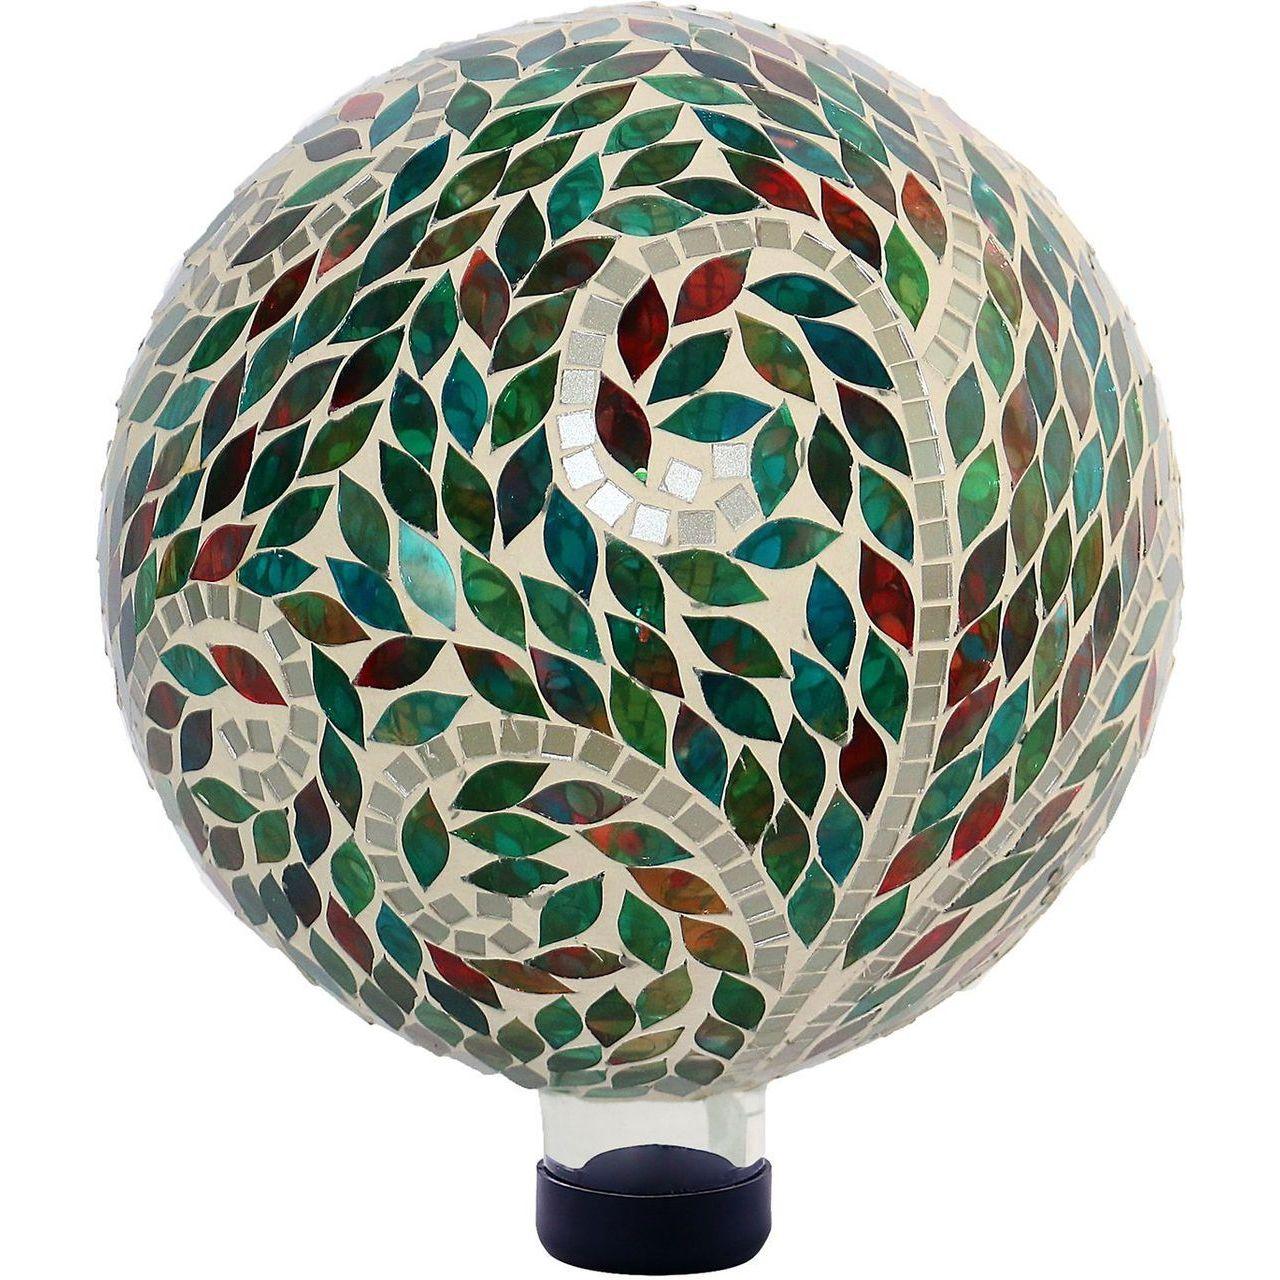 Alpine HGY286 Mosaic Scroll Pattern Gazing Globe